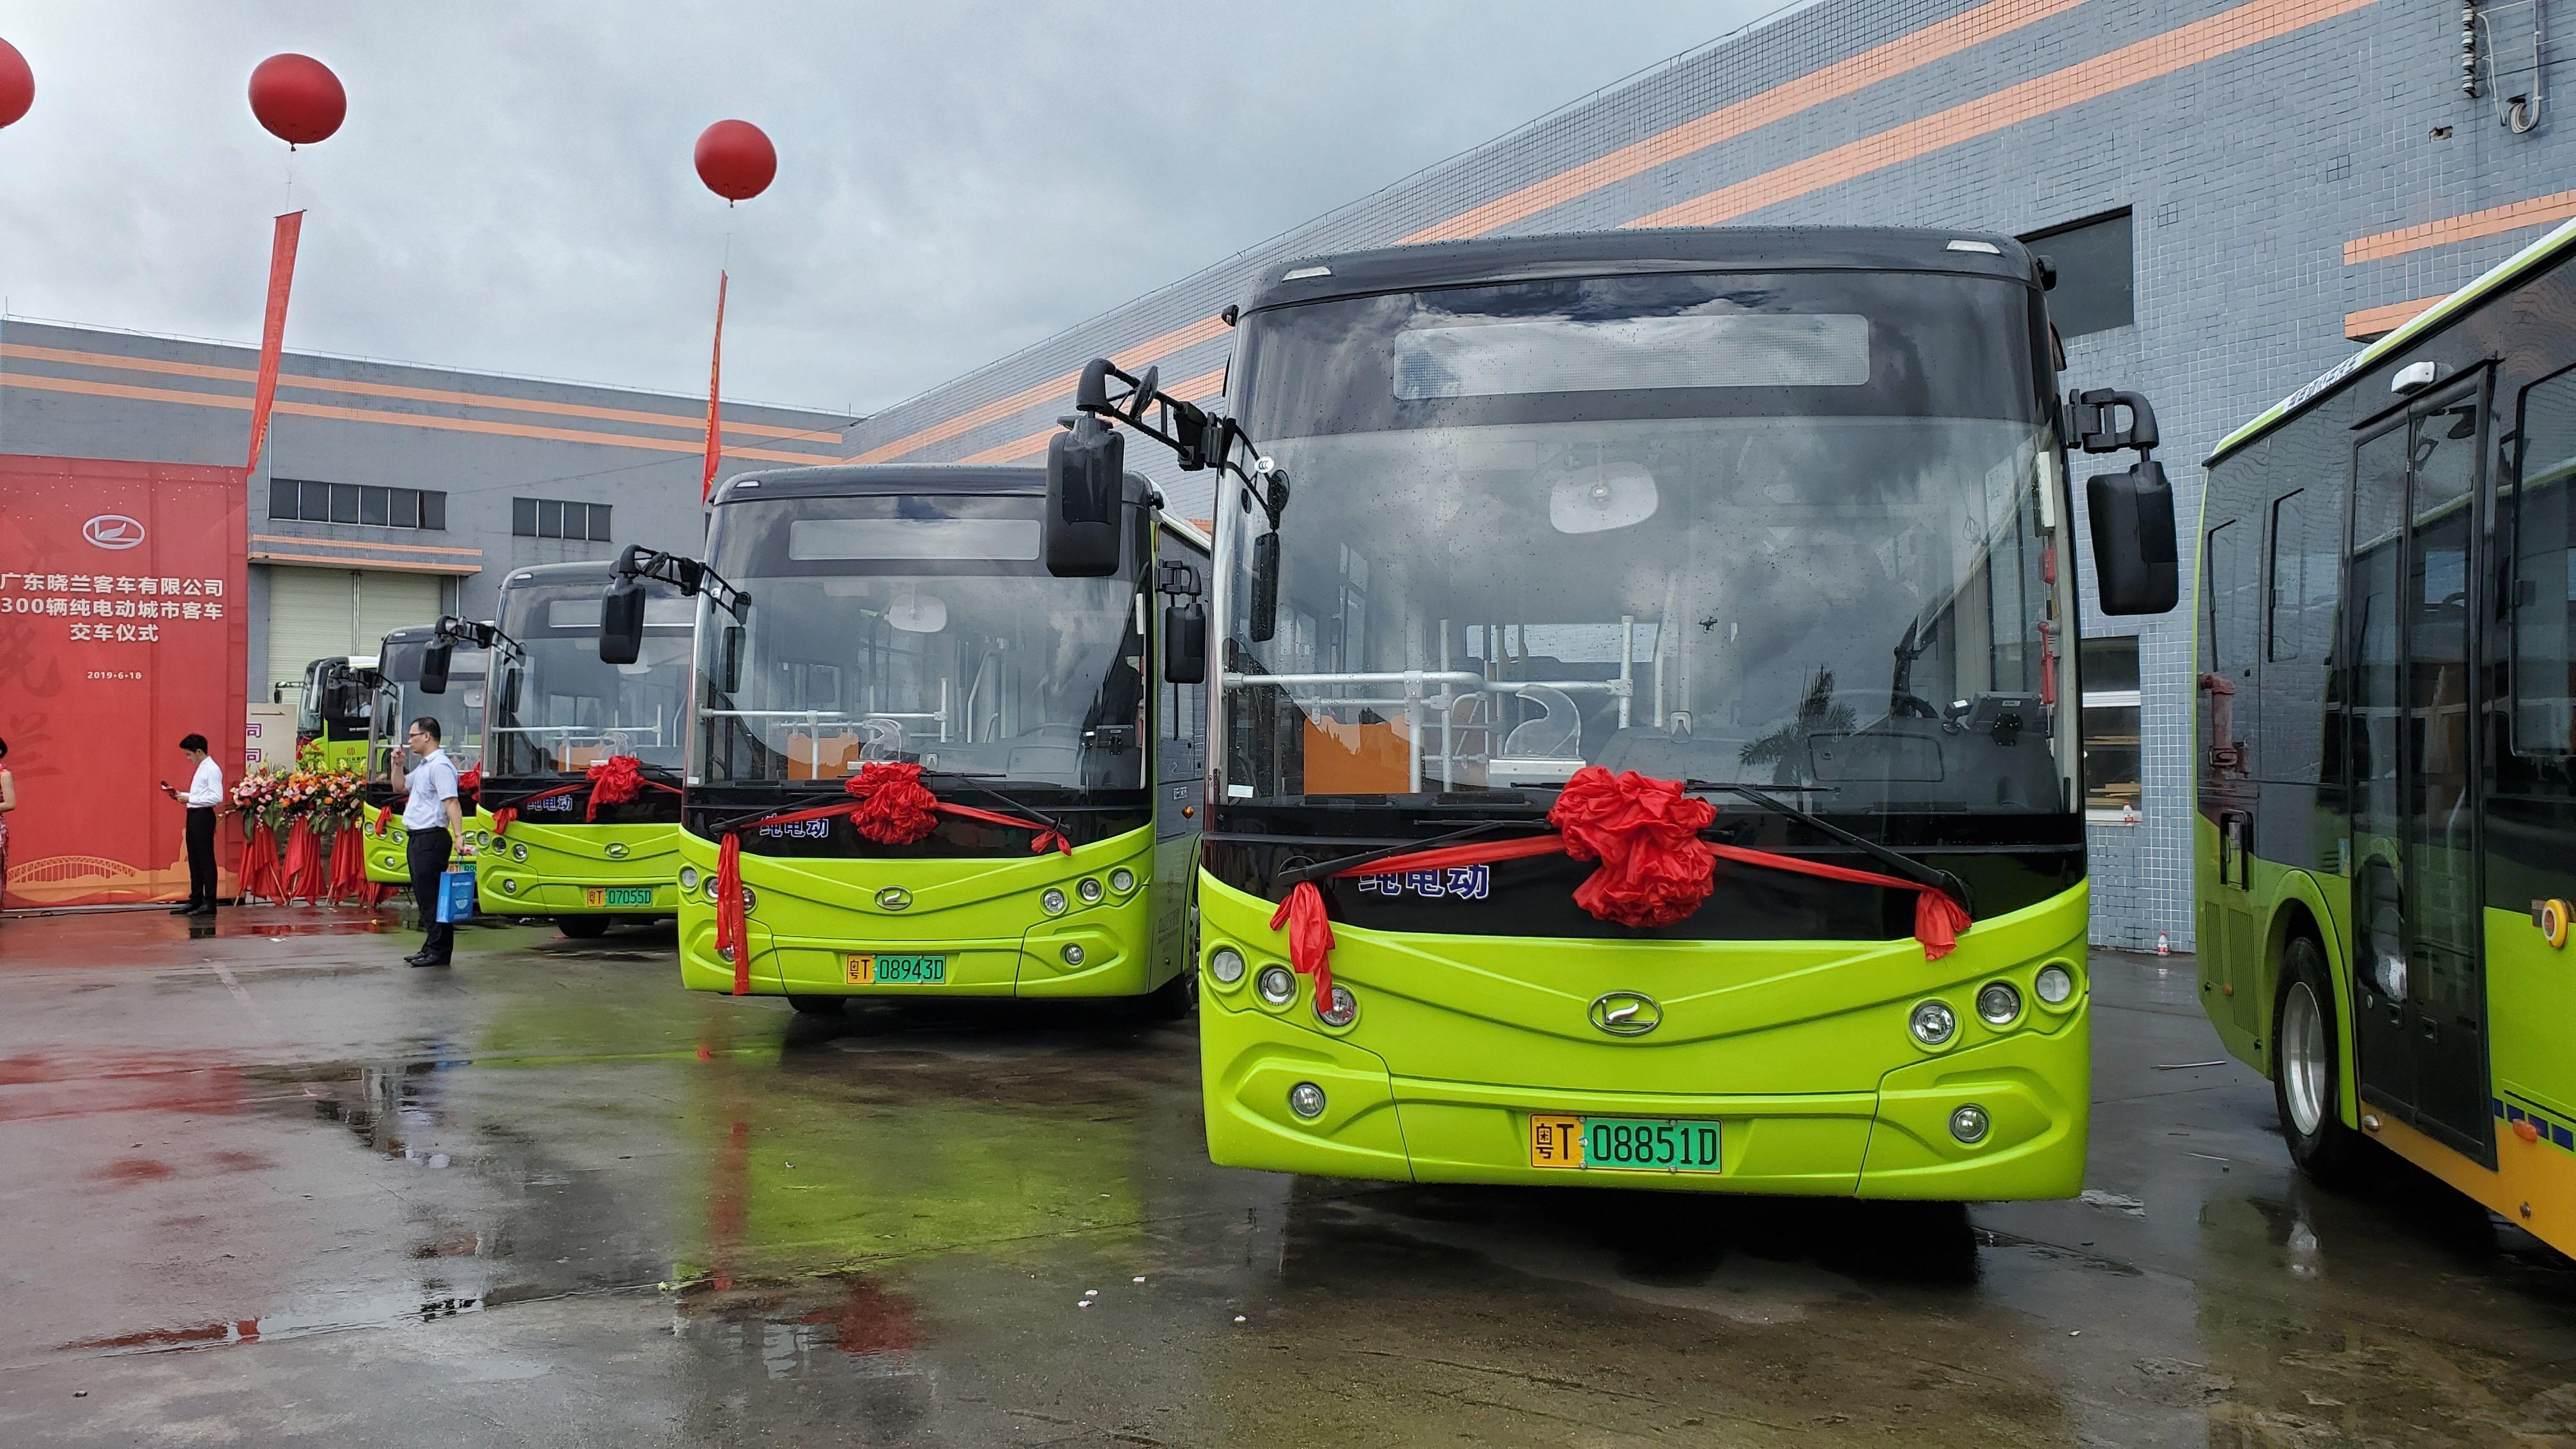 中山再添300輛純電動公交車! 綠色出行迎來新力量